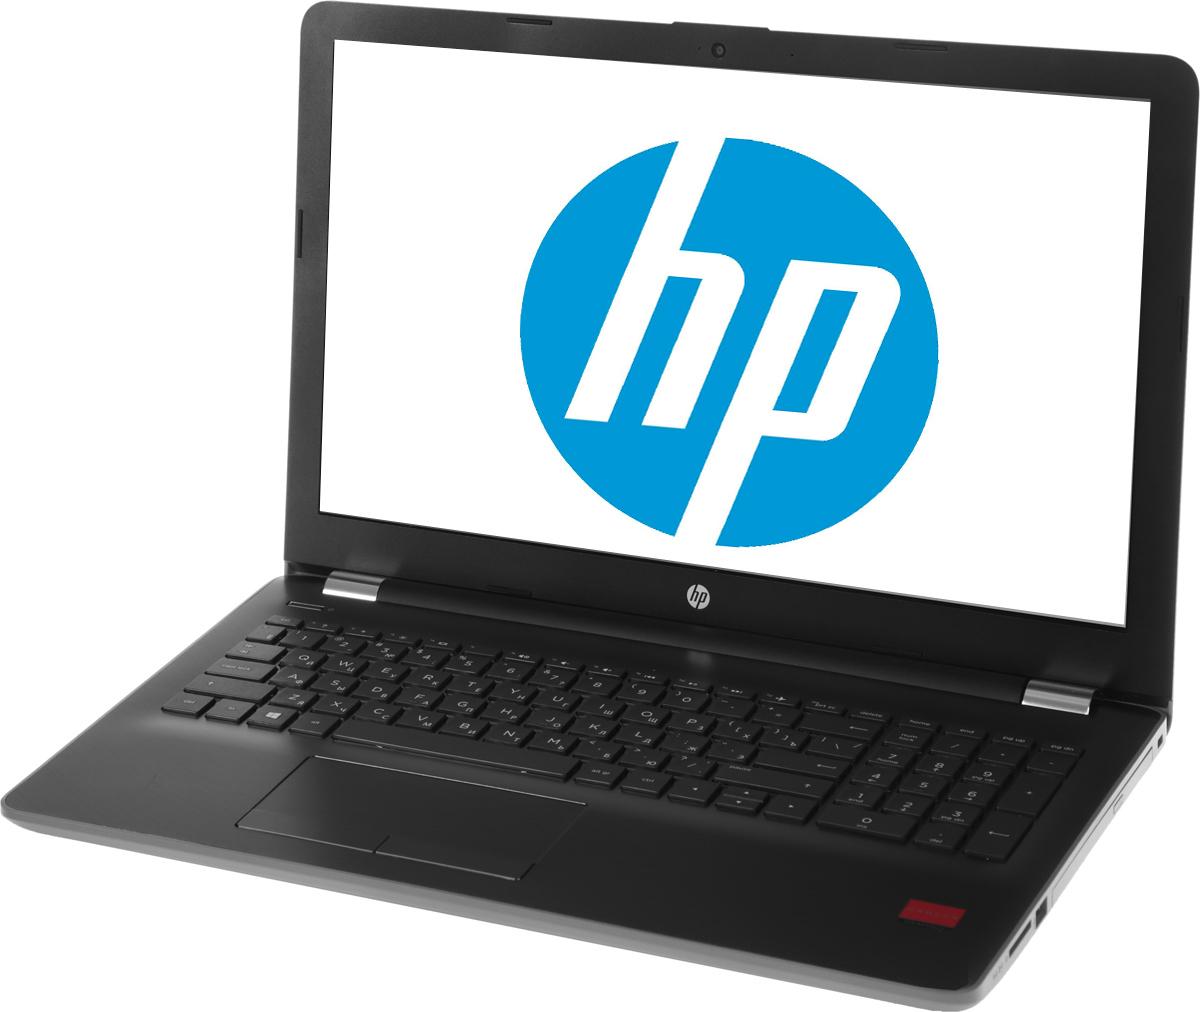 HP 15-bw508ur, Grey (2FN00EA)2FN00EAСтильный ноутбук HP 15-bw508ur, помимо выполнения повседневных задач, поможет вам оставаться на связи весь день. Благодаря неизменно высокой производительности и длительному времени работы от аккумулятора вы можете с комфортом пользоваться Интернетом, вести потоковое вещание и оставаться на связи с нужными людьми.Новейшие процессоры AMD обеспечивают неизменно высокую производительность, которая необходима для работы и развлечений. Надежность и долговечность ноутбука позволят легко выполнять все необходимые задачи.Развлекайтесь и оставайтесь на связи с друзьями и семьей благодаря превосходному дисплею HD (или Full HD в некоторых моделях) и камере HD в некоторых моделях. Кроме того, с этим ноутбуком ваши любимые музыка, фильмы и фотографии будут всегда с вами.Продуманная конструкция и замечательный дизайн этого ноутбука HP с дисплеем диагональю 39,6 см (15,6) идеально подойдут для вашего образа жизни. Изящное оформление, оригинальное покрытие и хромированное шарнирное крепление (на некоторых моделях) добавят немного цвета в будни.Полноразмерная клавиатура островного типа с цифровой клавишной панелью.Сенсорная панель с поддержкой технологии Multi-Touch.Точные характеристики зависят от модификации.Ноутбук сертифицирован EAC и имеет русифицированную клавиатуру и Руководство пользователя